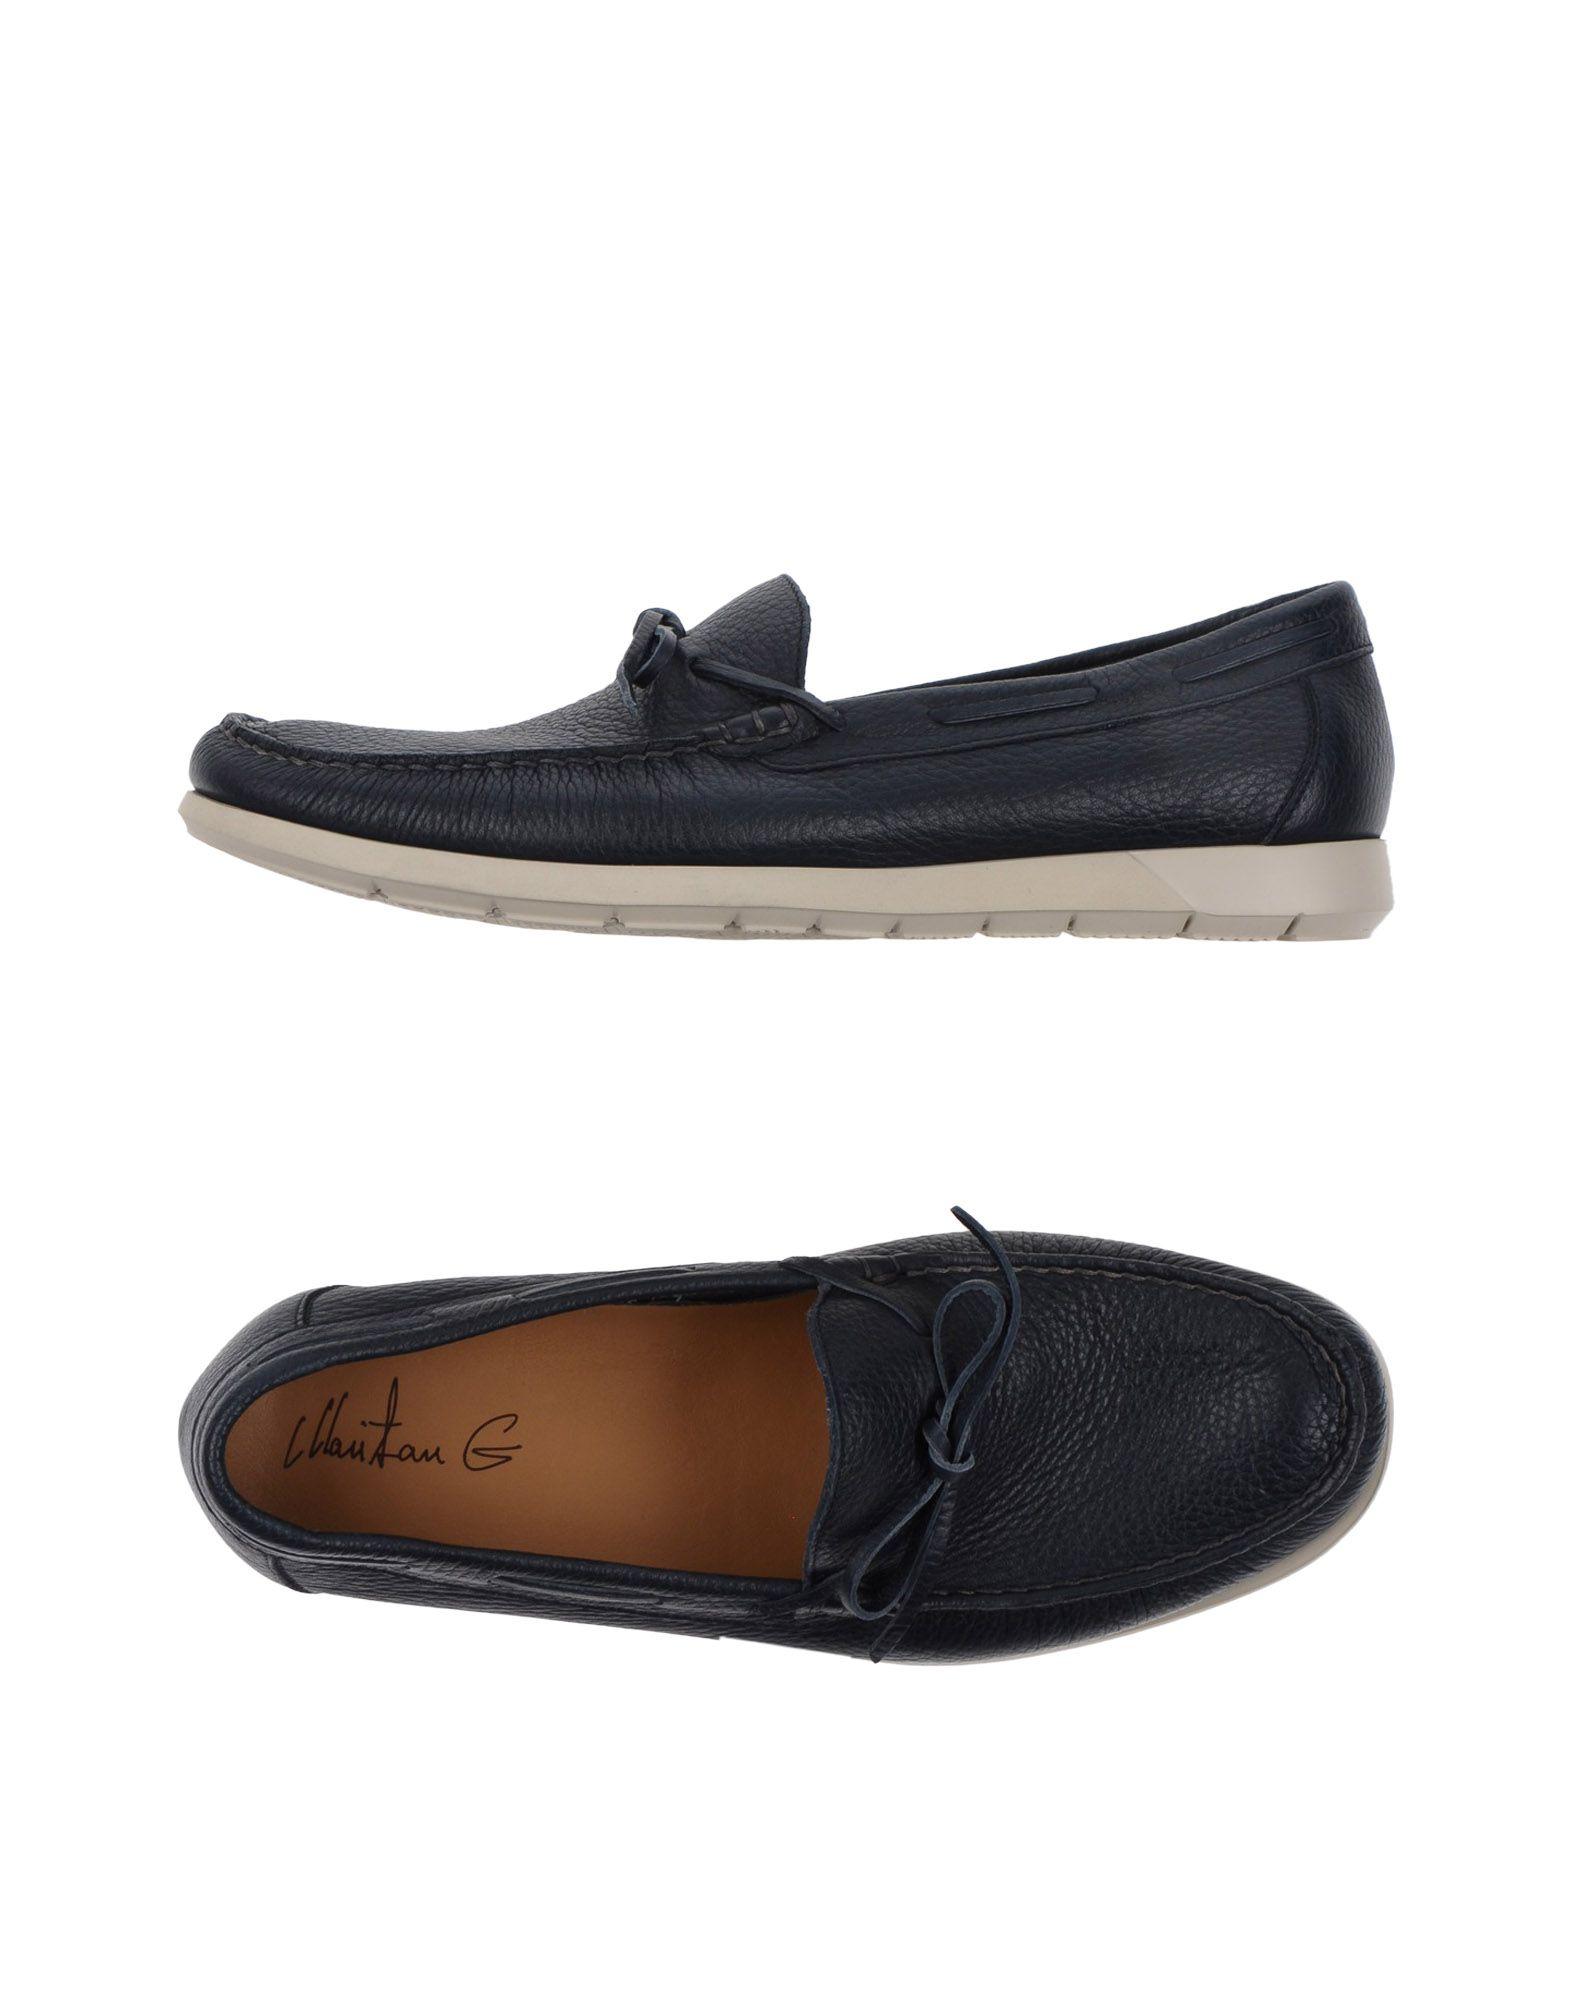 Rabatt echte Schuhe Maritan G Mokassins Herren  11359939TR